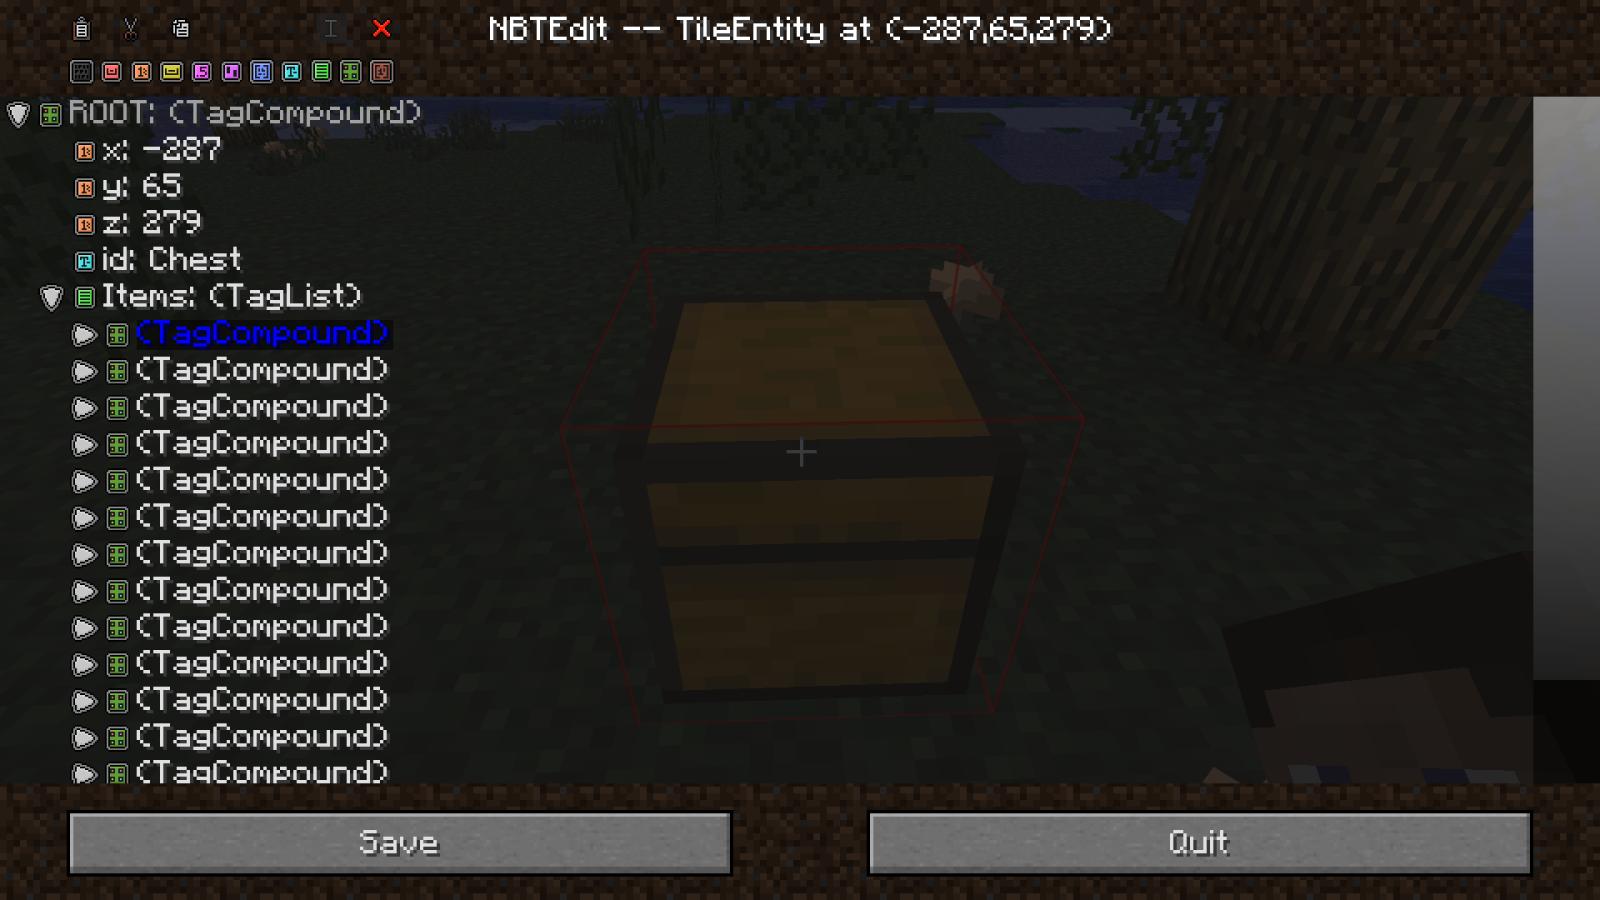 Скачать мод bc3 для minecraft 1.4.7 - d3ab